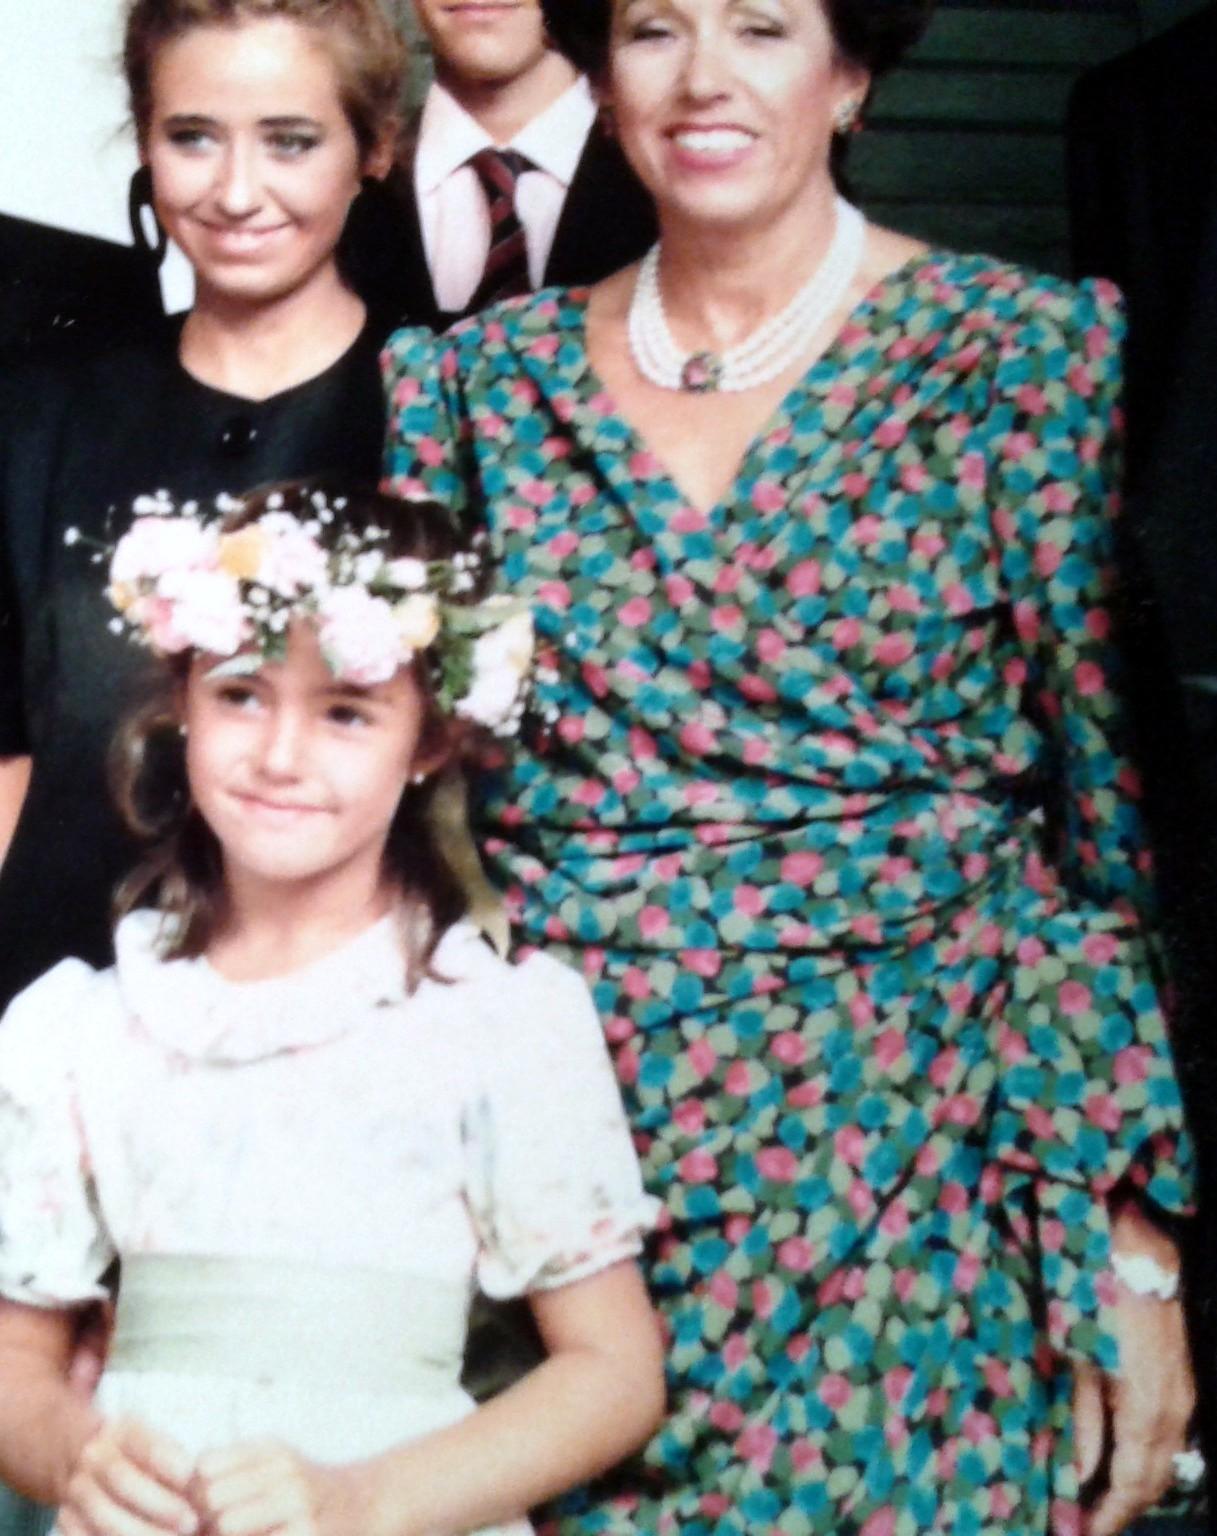 La boda de Bárbara y Sergio – El Invernadero